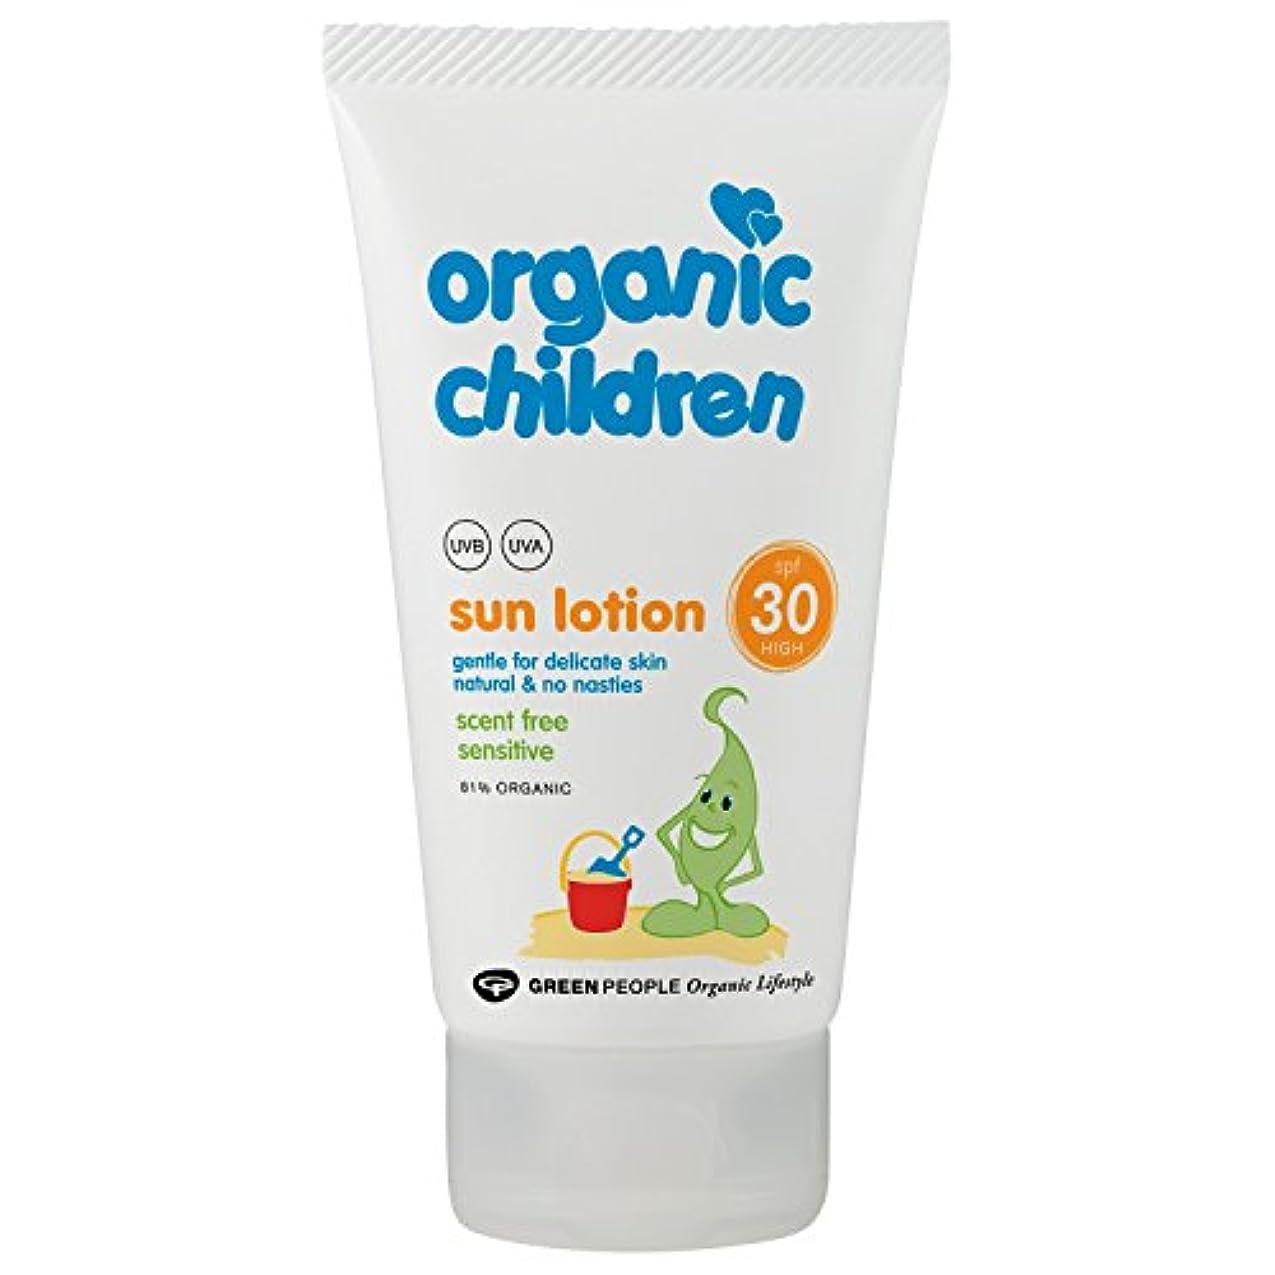 最少抑圧者ペネロペOrganic Children SPF 30 Sun Lotion 150g - 有機子どもたちは30日のローション150グラムを [並行輸入品]